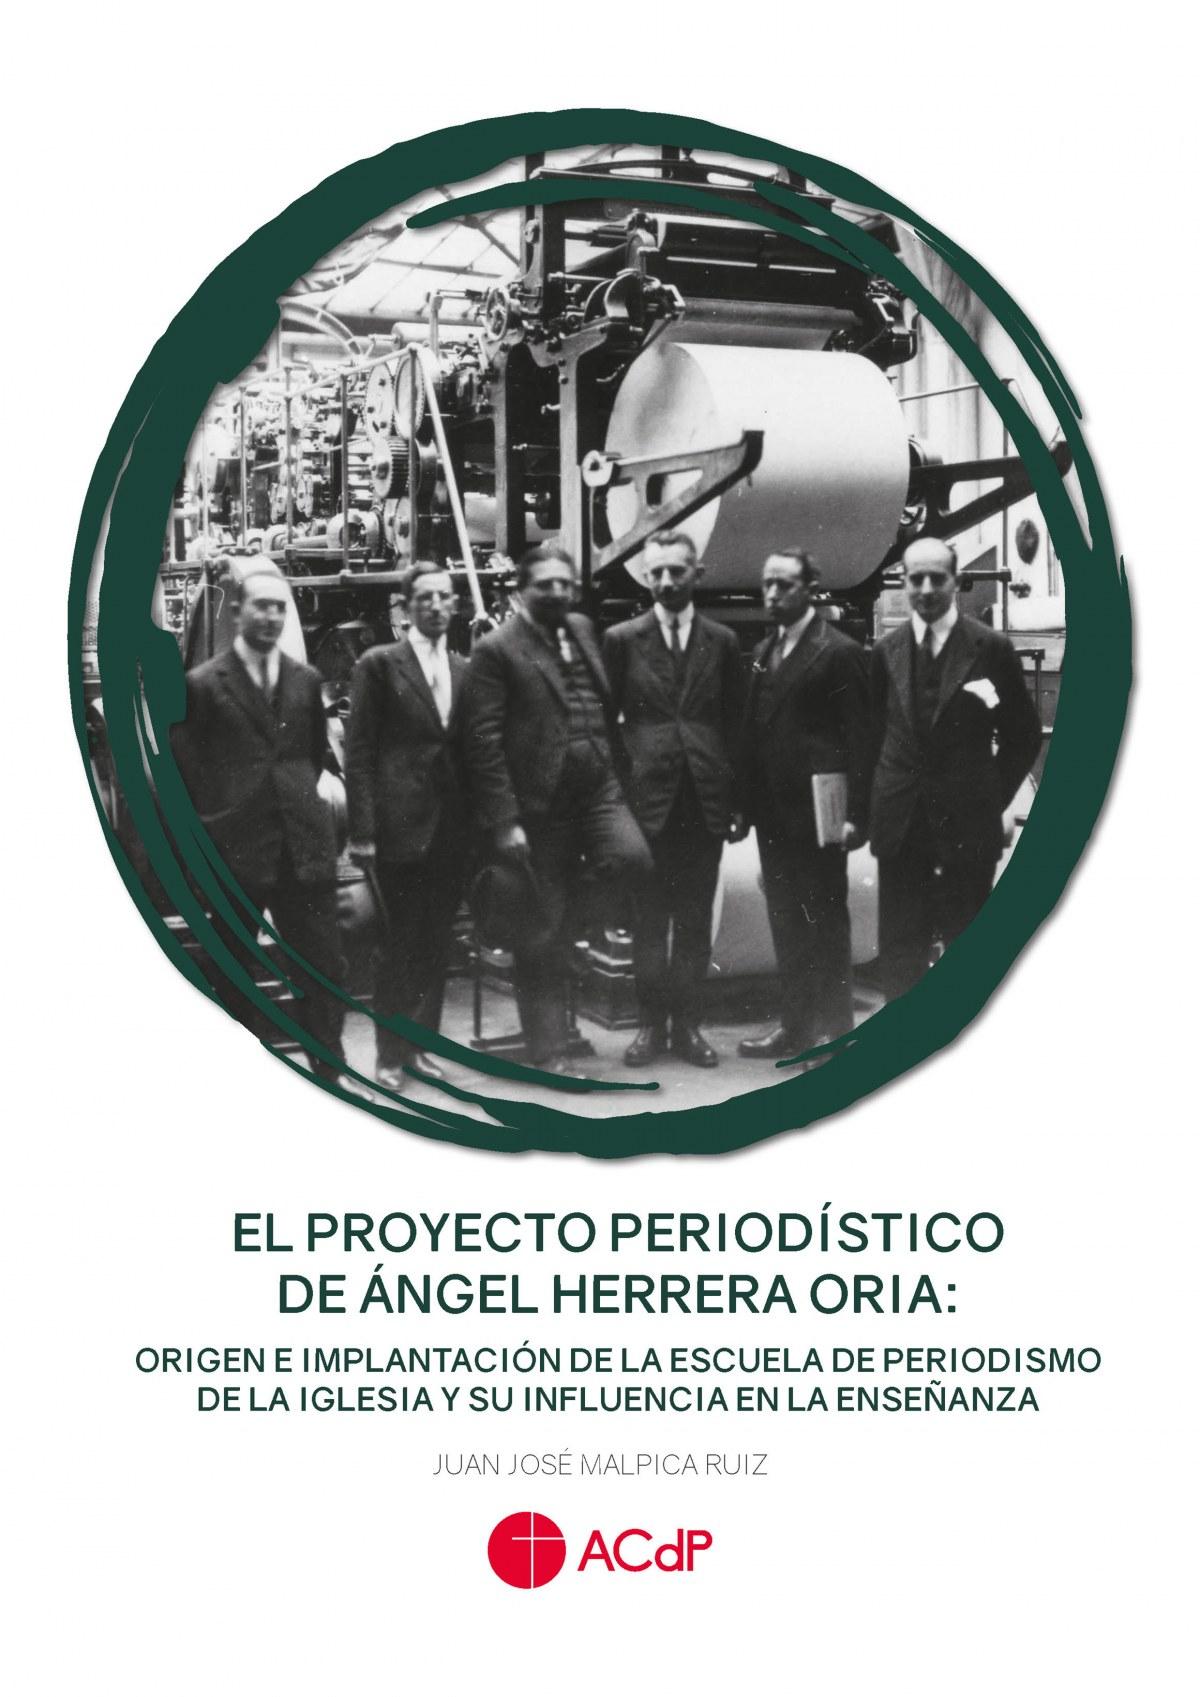 El proyecto periodístico de Ángel Herrera Oria: origen e implantación de la Escuela de Periodismo de la Iglesia y su influencia en la enseñanza